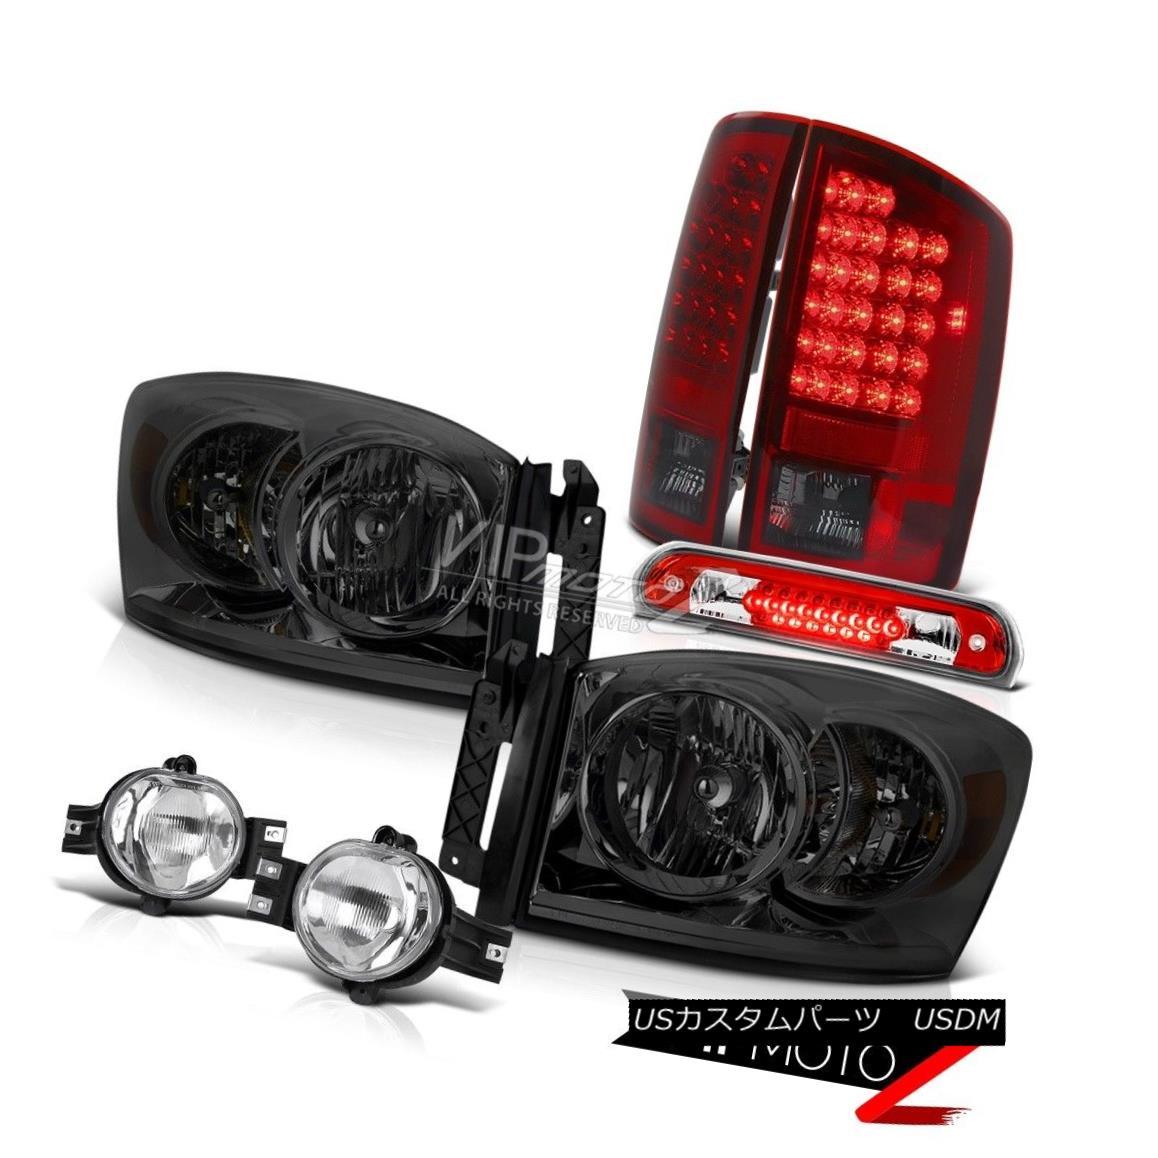 ヘッドライト 2006 Ram V6 Dark Smoke Headlights Smokey Red Tail Light Fog Wine Third Brake LED 2006 Ram V6ダークスモークヘッドライトスモーキーレッドテールライトフォッグワイン第3ブレーキLED